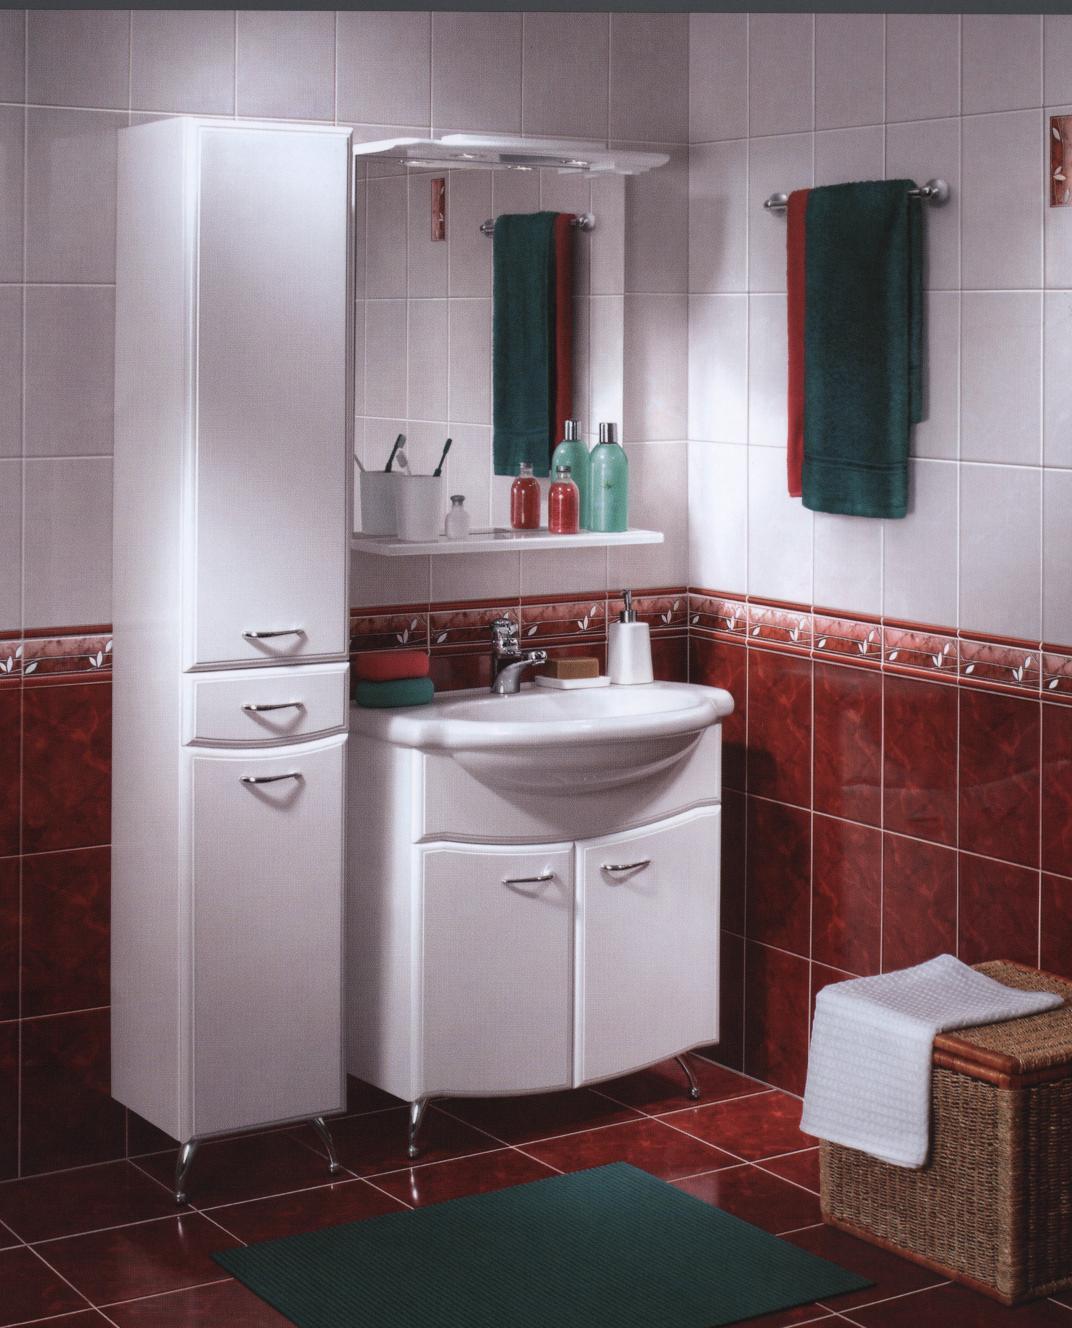 Как сделать канализацию в доме своими руками